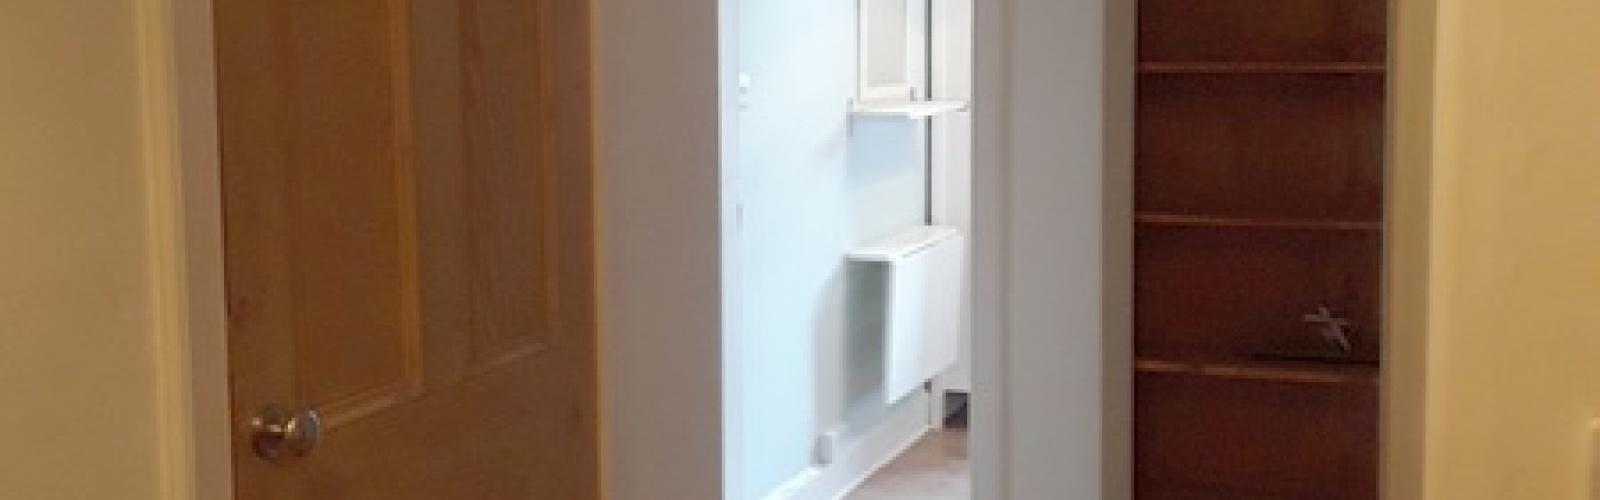 2 Bedrooms Bedrooms,1 BathroomBathrooms,Flat,1038